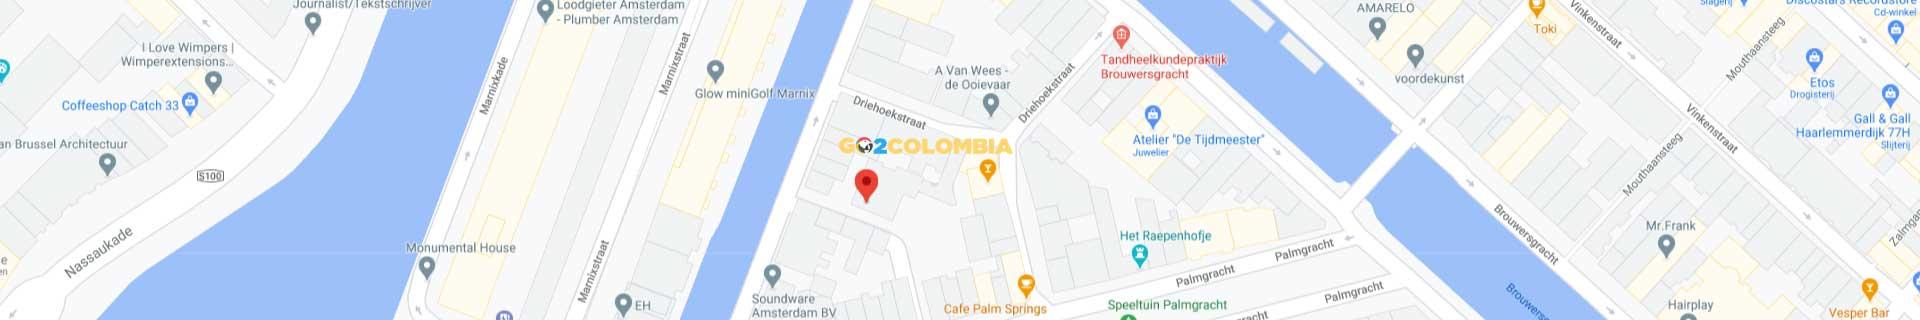 Contact met Go2Colombia